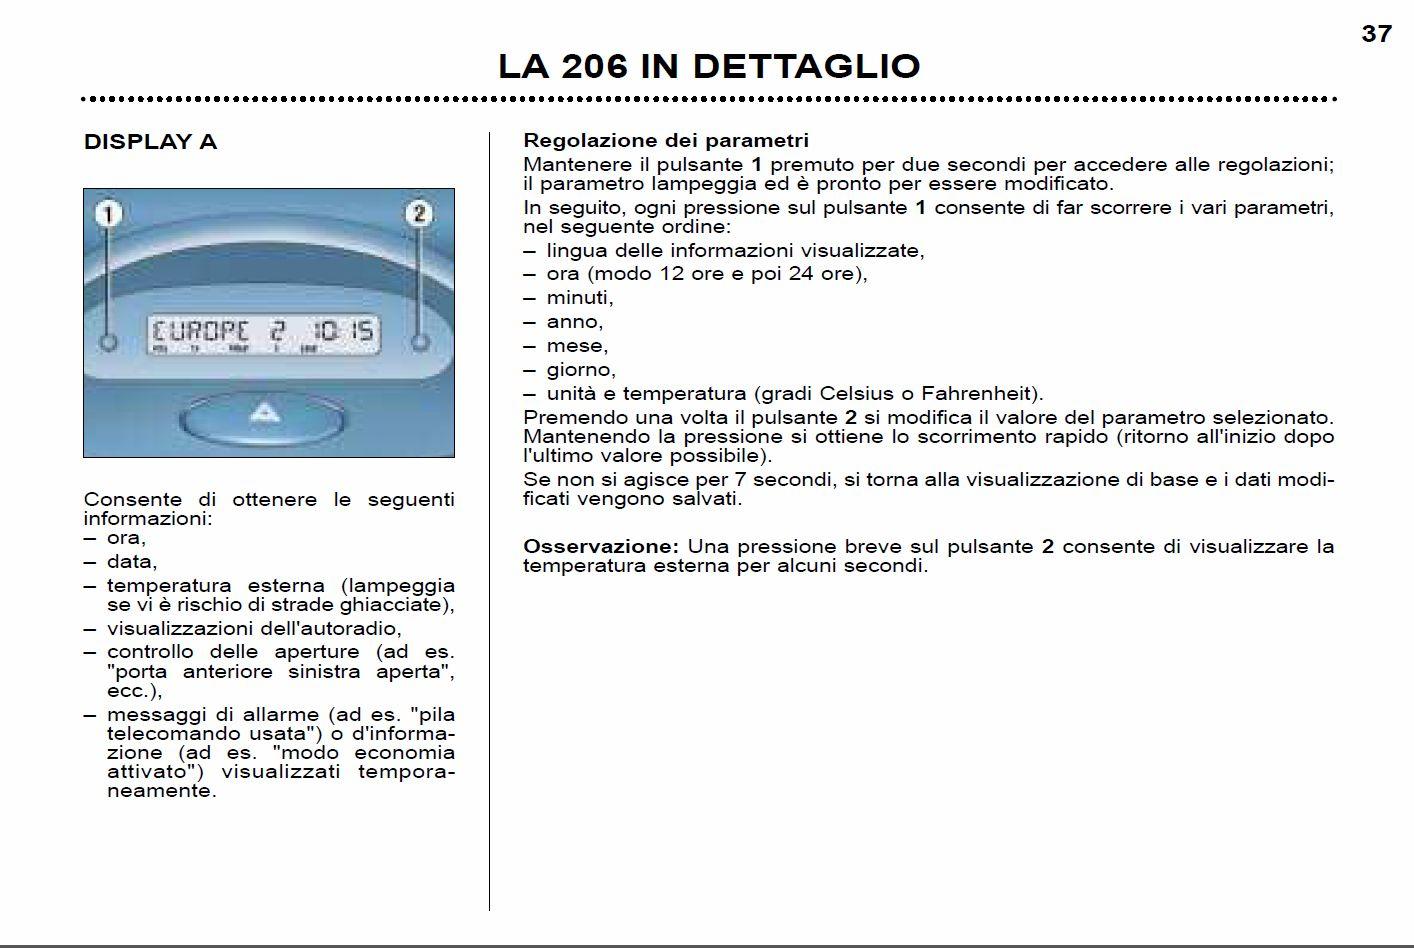 Pagina37 .jpg